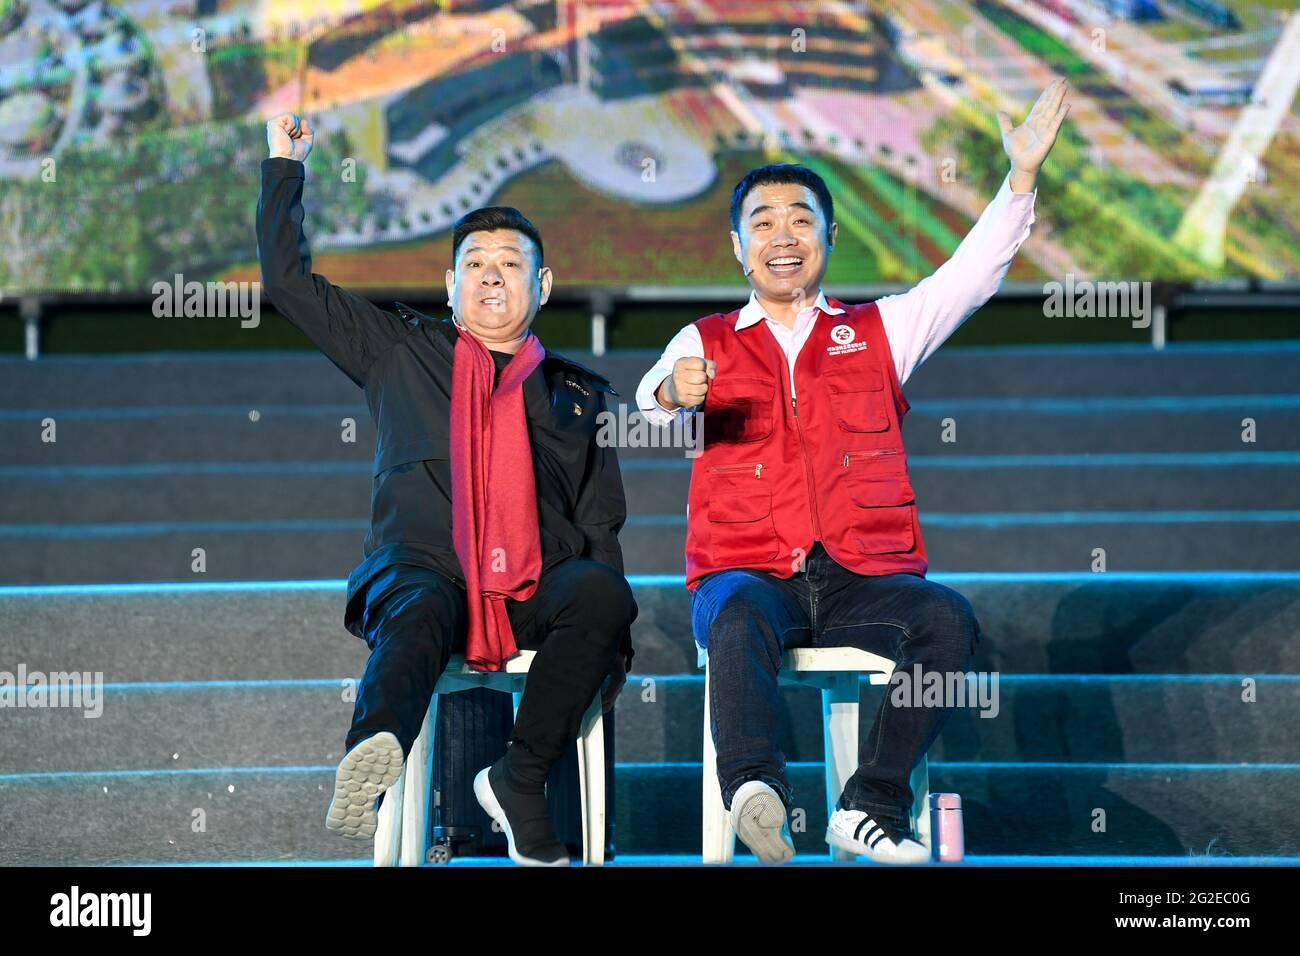 Hohhot, région autonome de la Mongolie intérieure de la Chine. 10 juin 2021. Des artistes se produisent lors d'un événement culturel et touristique à Hohhot, dans la région autonome de la Mongolie intérieure, dans le nord de la Chine, le 10 juin 2021. Diverses activités telles que l'appréciation de la musique traditionnelle et la dégustation de la nourriture locale sont organisées ici pour promouvoir le tourisme. Credit: BEI HE/Xinhua/Alay Live News Banque D'Images